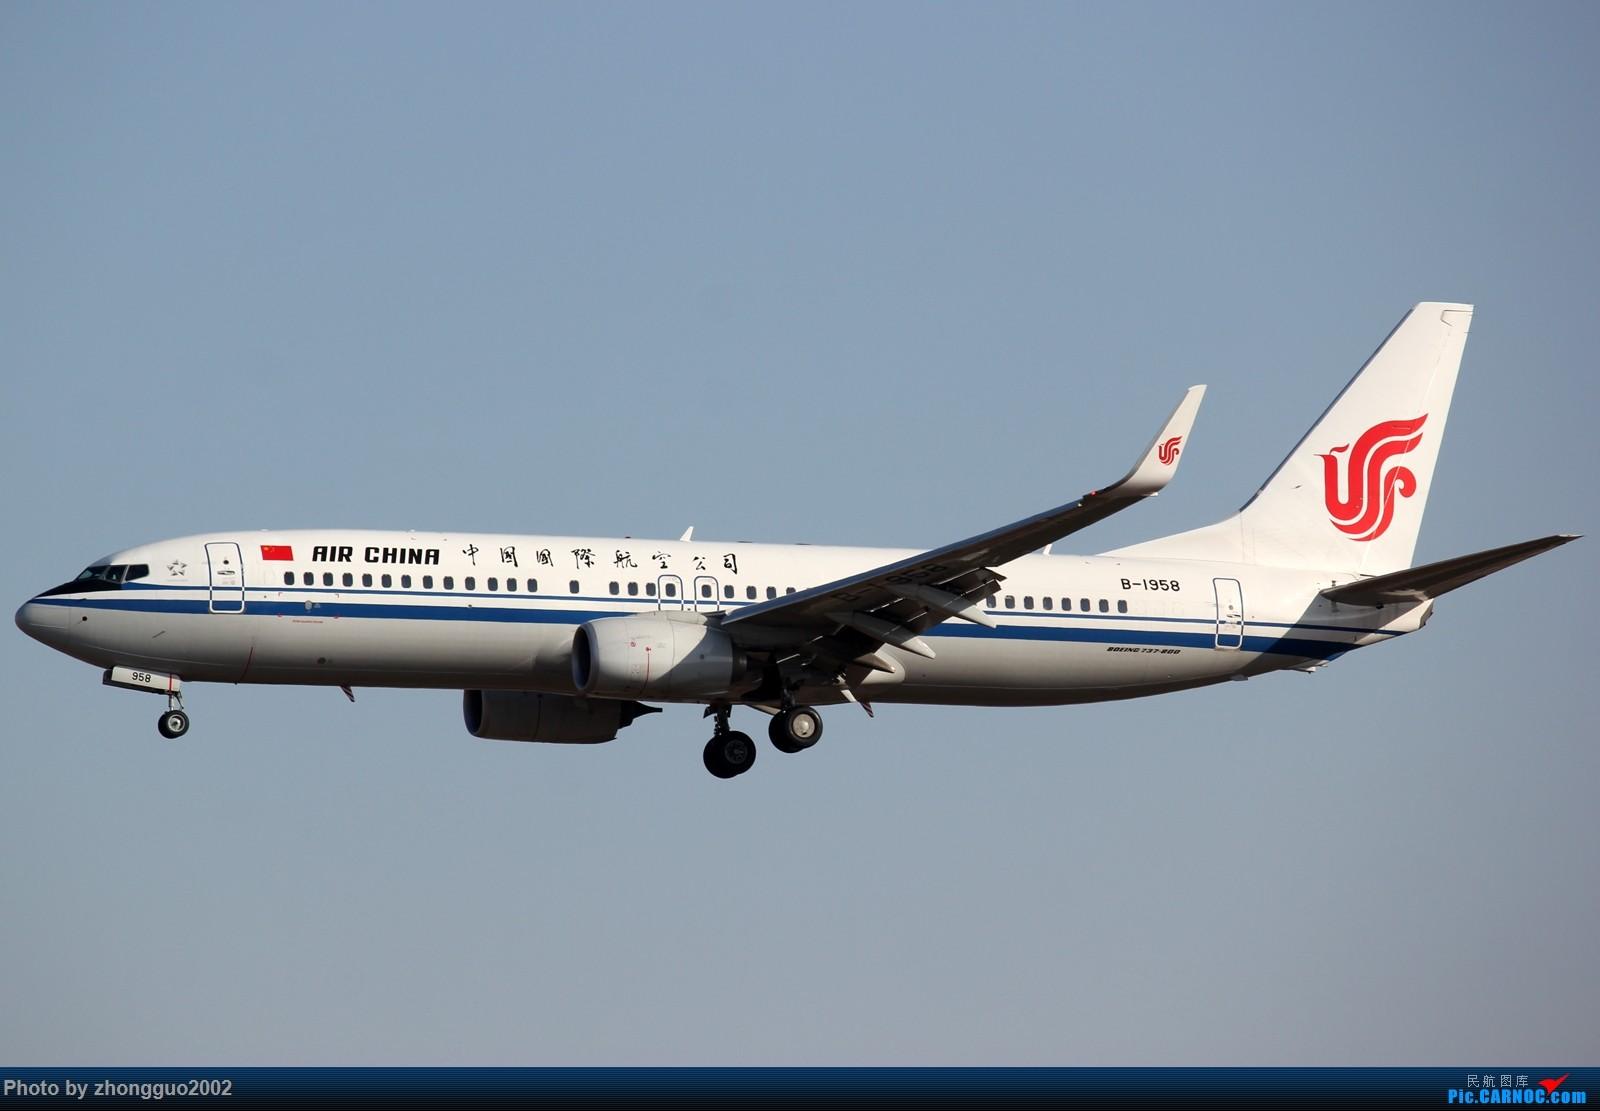 Re:[原创]【BLDDQ--深圳打机队】发小飞机盖楼贴,凡跟帖1字开头大陆民航飞机图的,每图五架小飞机不重复 BOEING 737-800 B-1958 中国北京首都国际机场